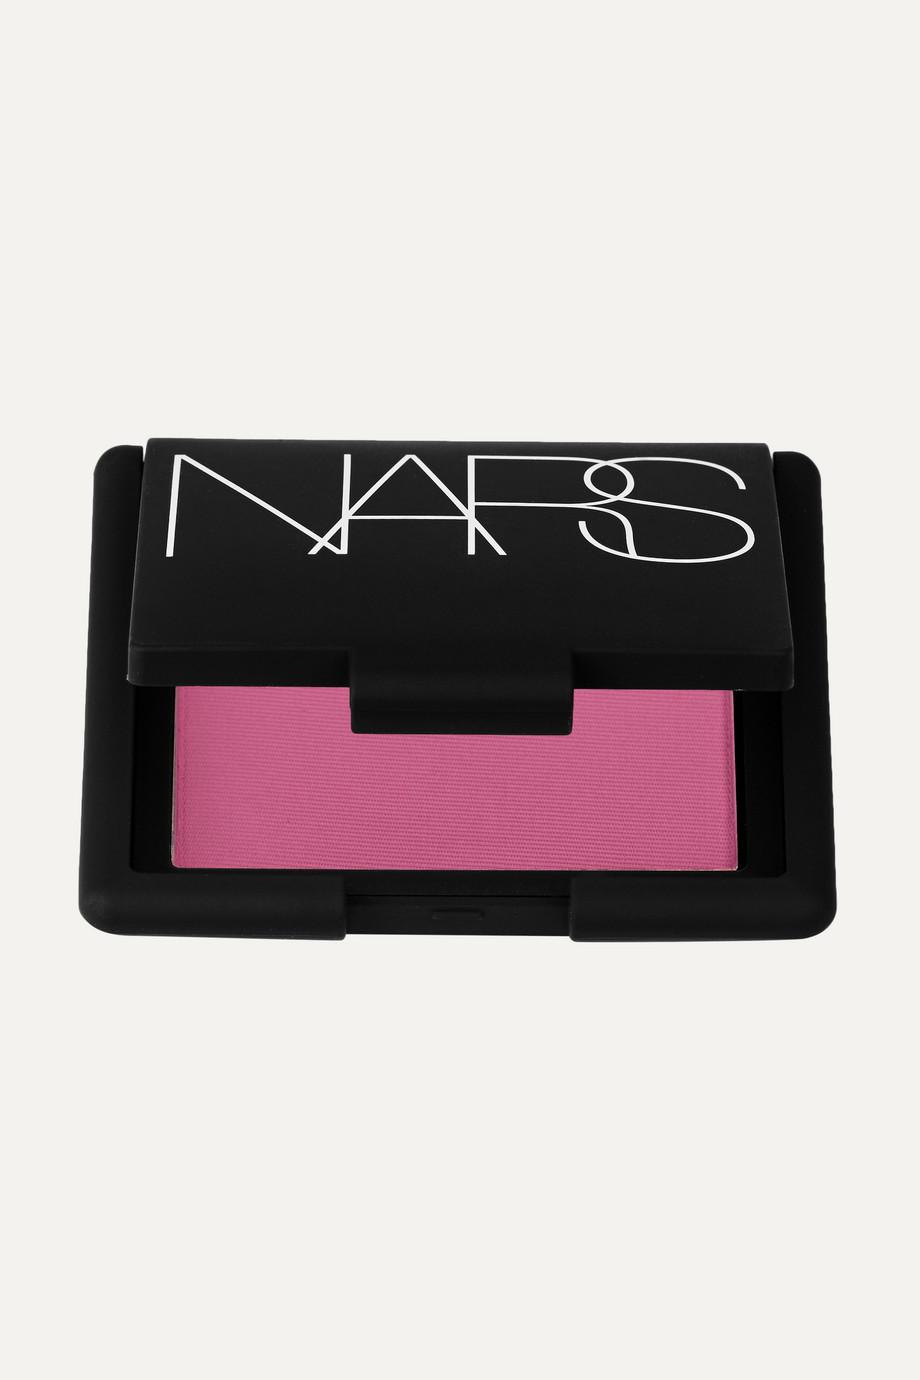 NARS Blush - Desire